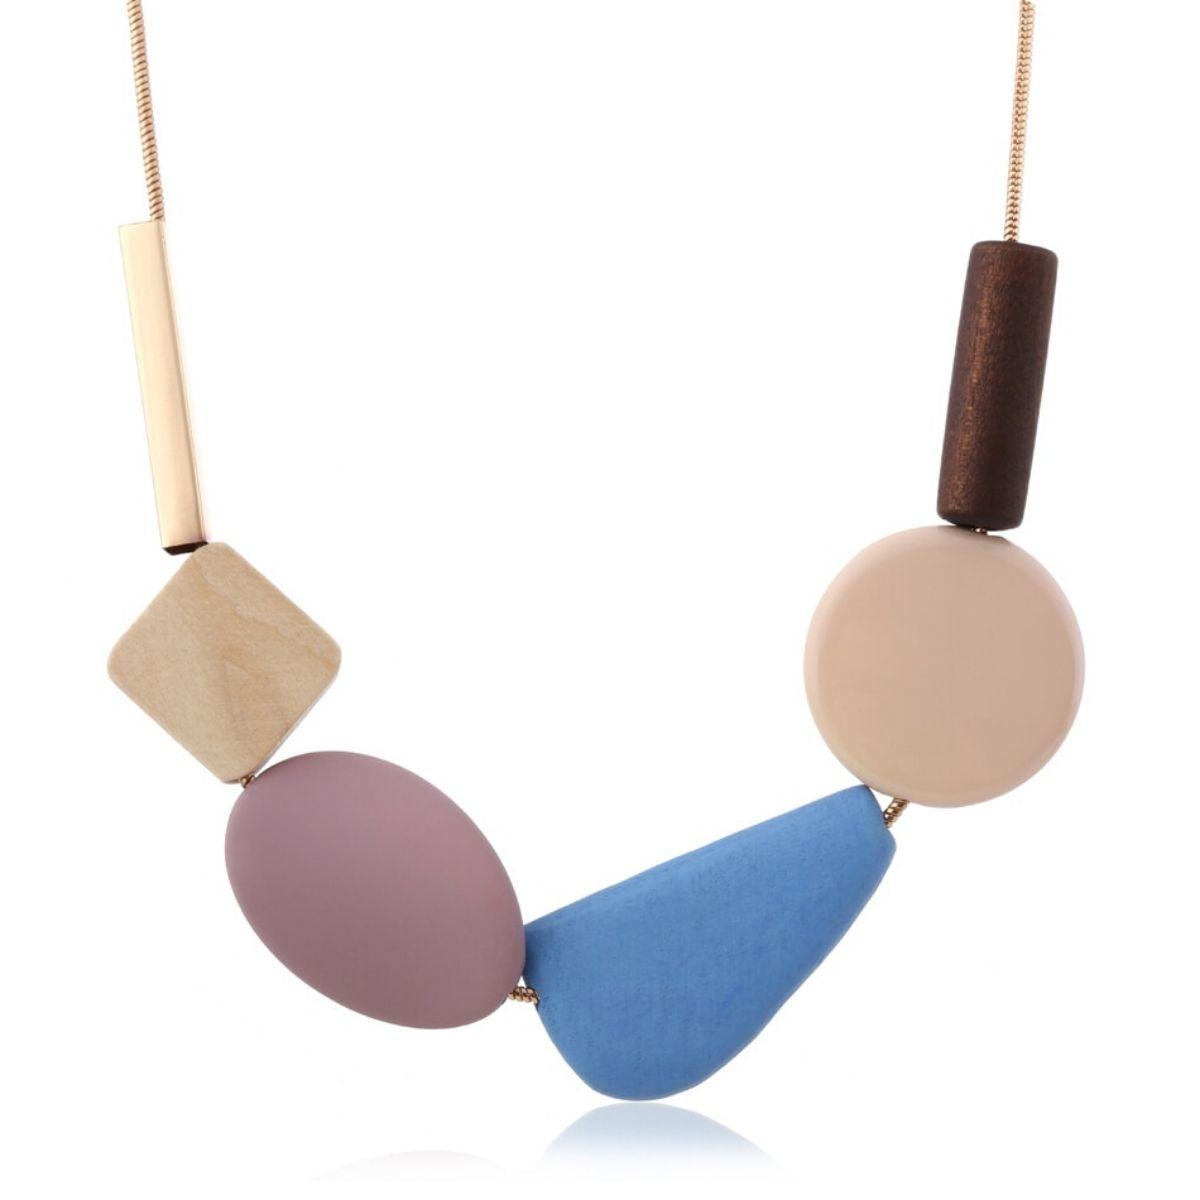 Collier ras de cou, pendentifs géométriques en bois et résine multicolores.